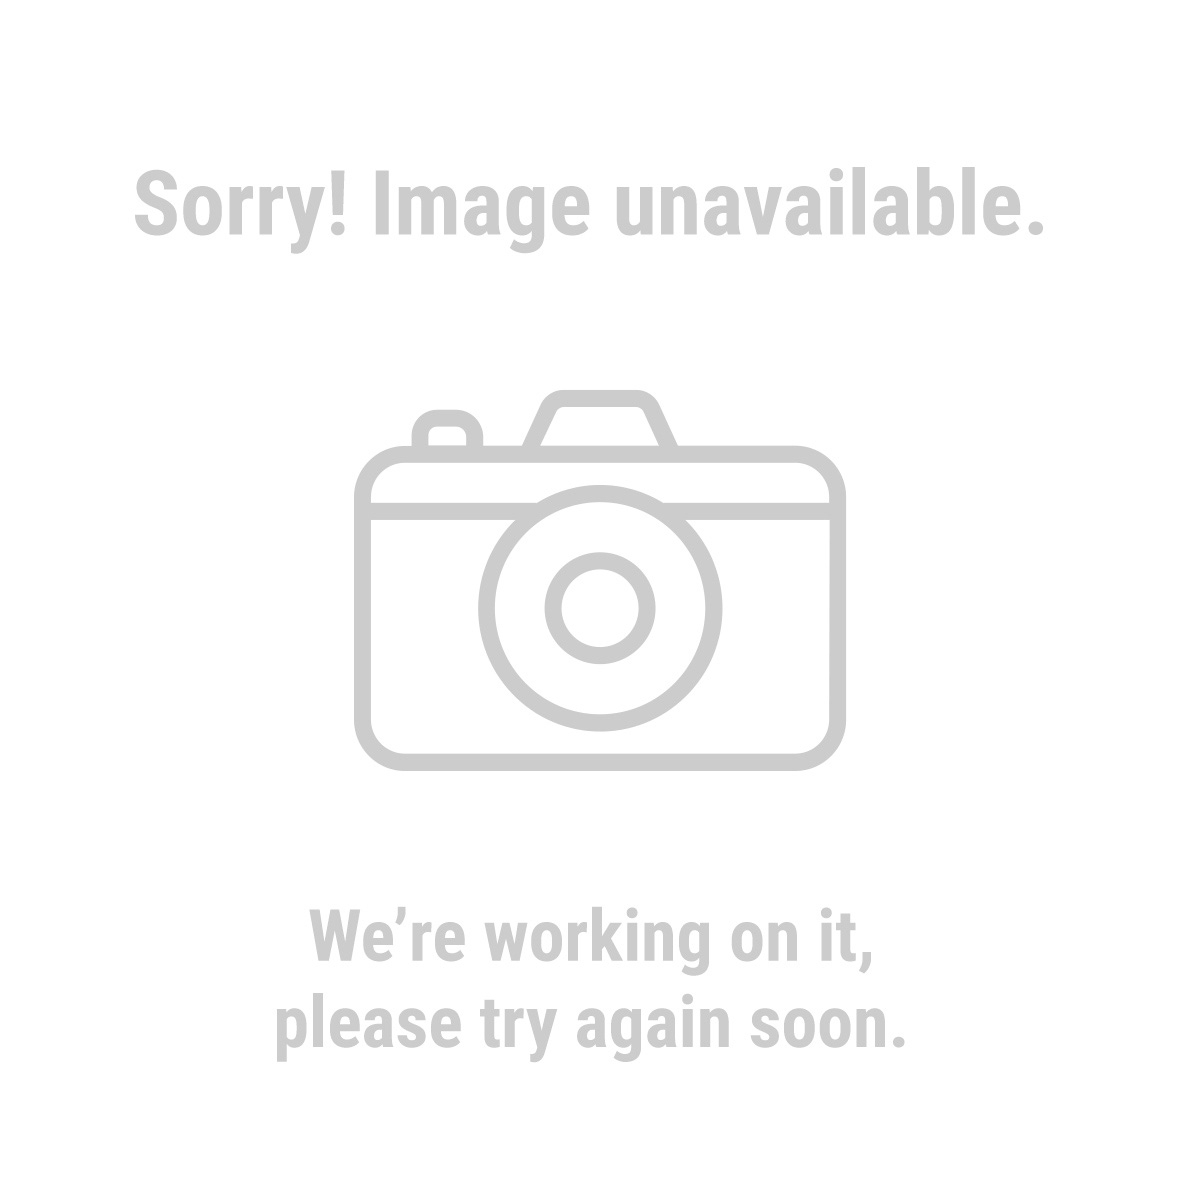 Bunker hill digital floor safe reset code 17 images for 1 51 cu ft solid steel digital floor safe